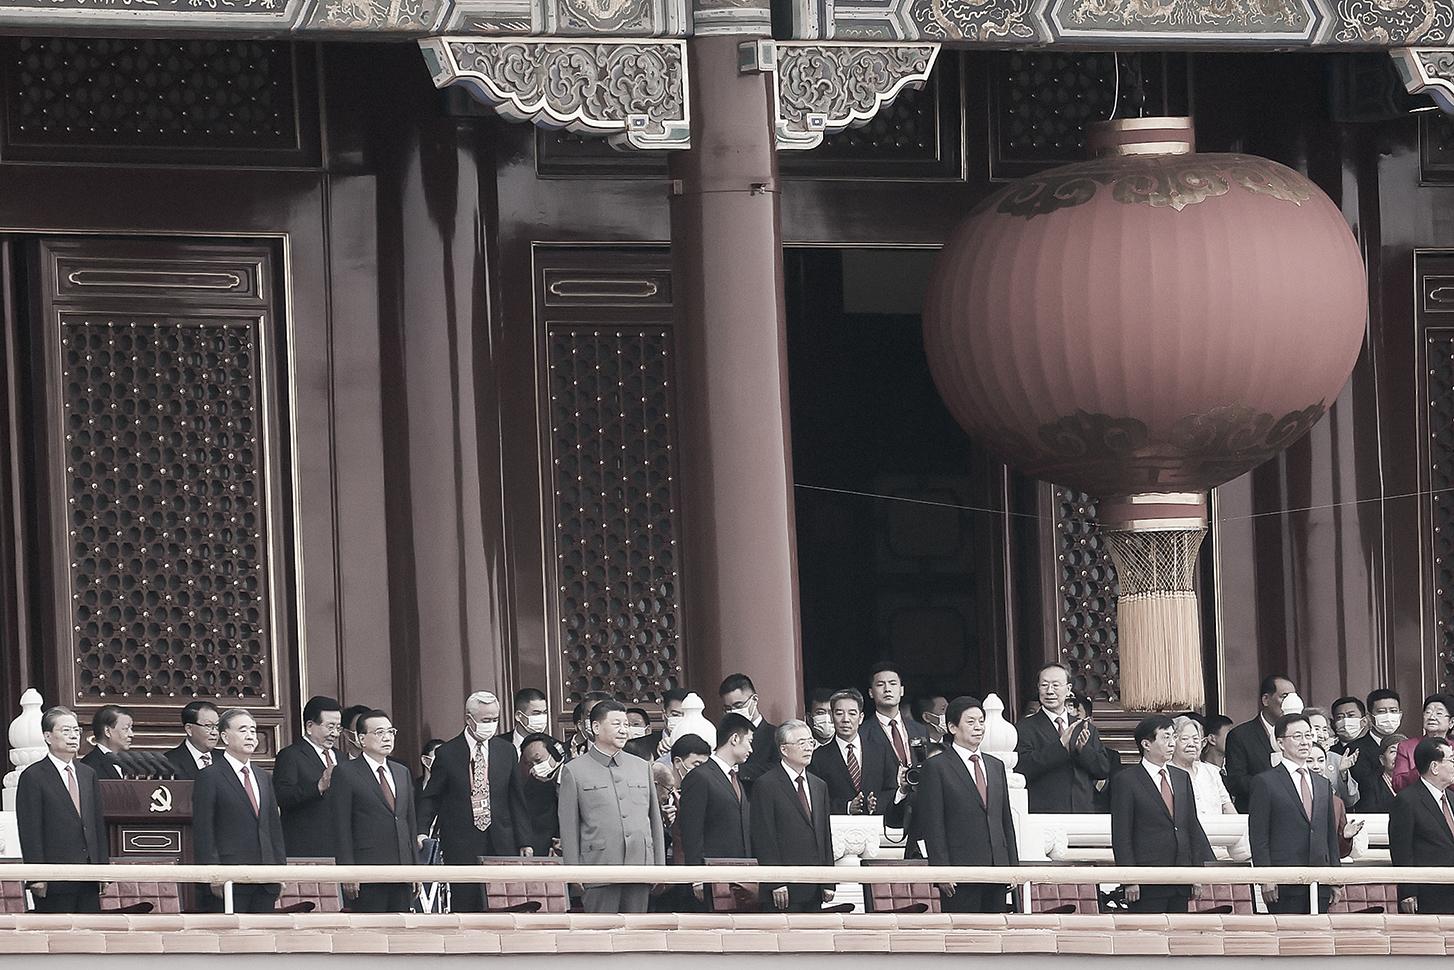 中共宣稱自己「代表最廣大人民的根本利益」,實際上它只代表一群具有特殊權力與地位的特權階層。圖為「七一黨慶」新老高官登上天安門城樓觀禮。(Getty Images)